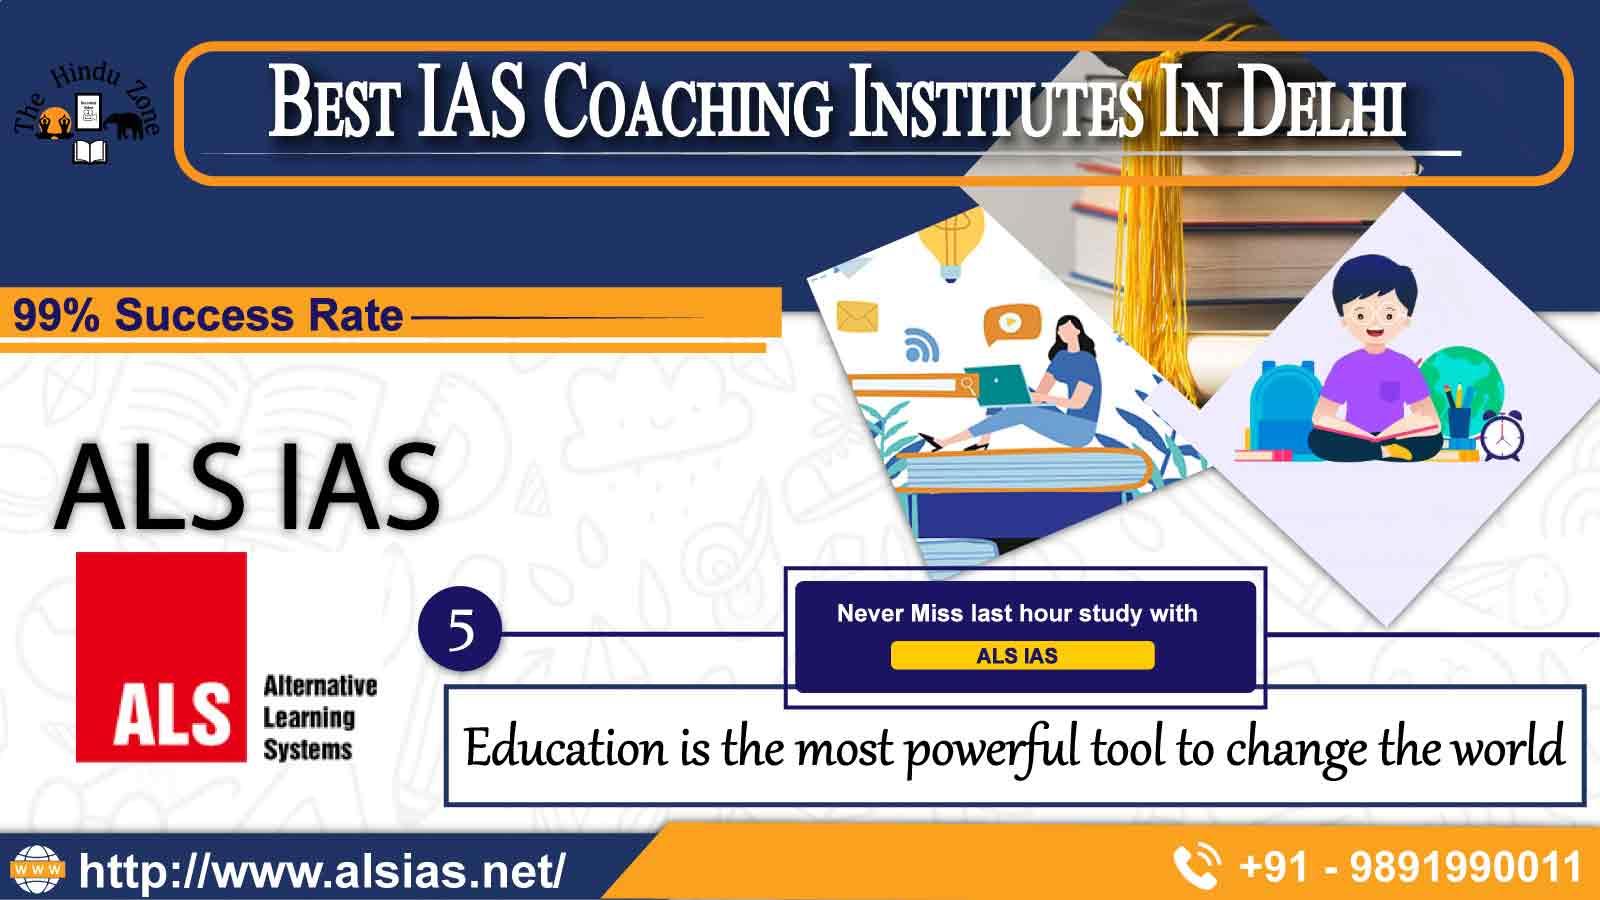 Best IAS Coaching Institutes In Delhi